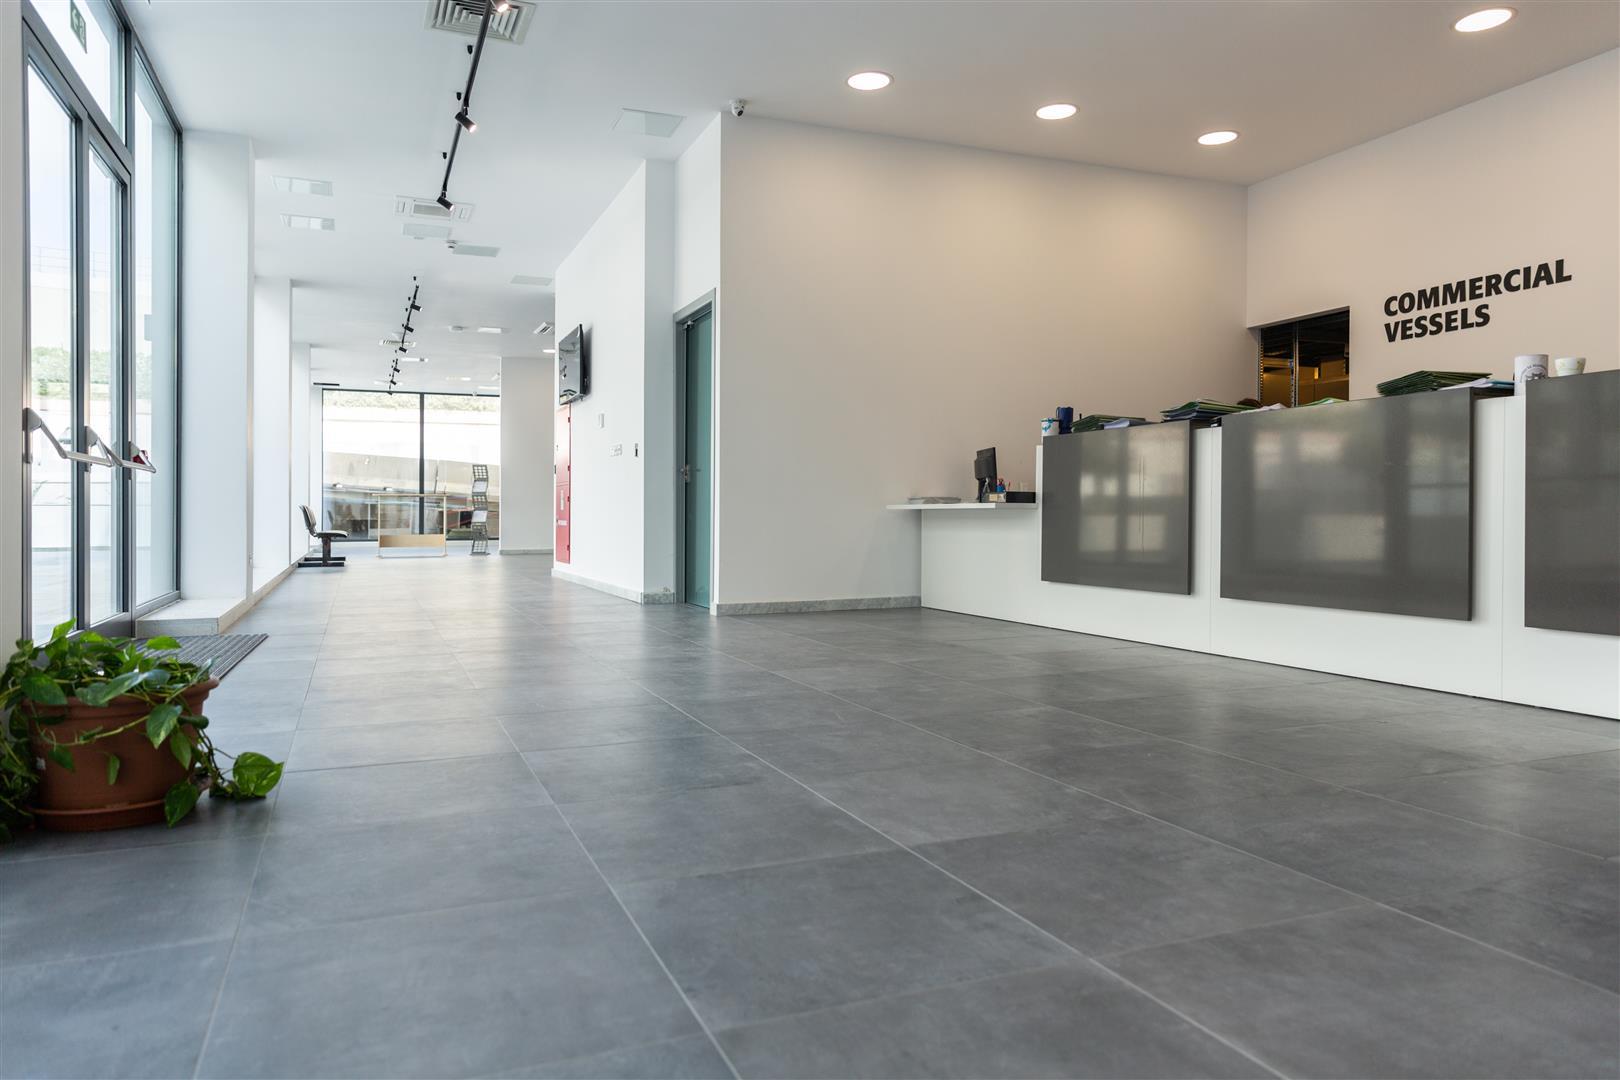 Indoor Raised Access Flooring – HMK International Ltd.